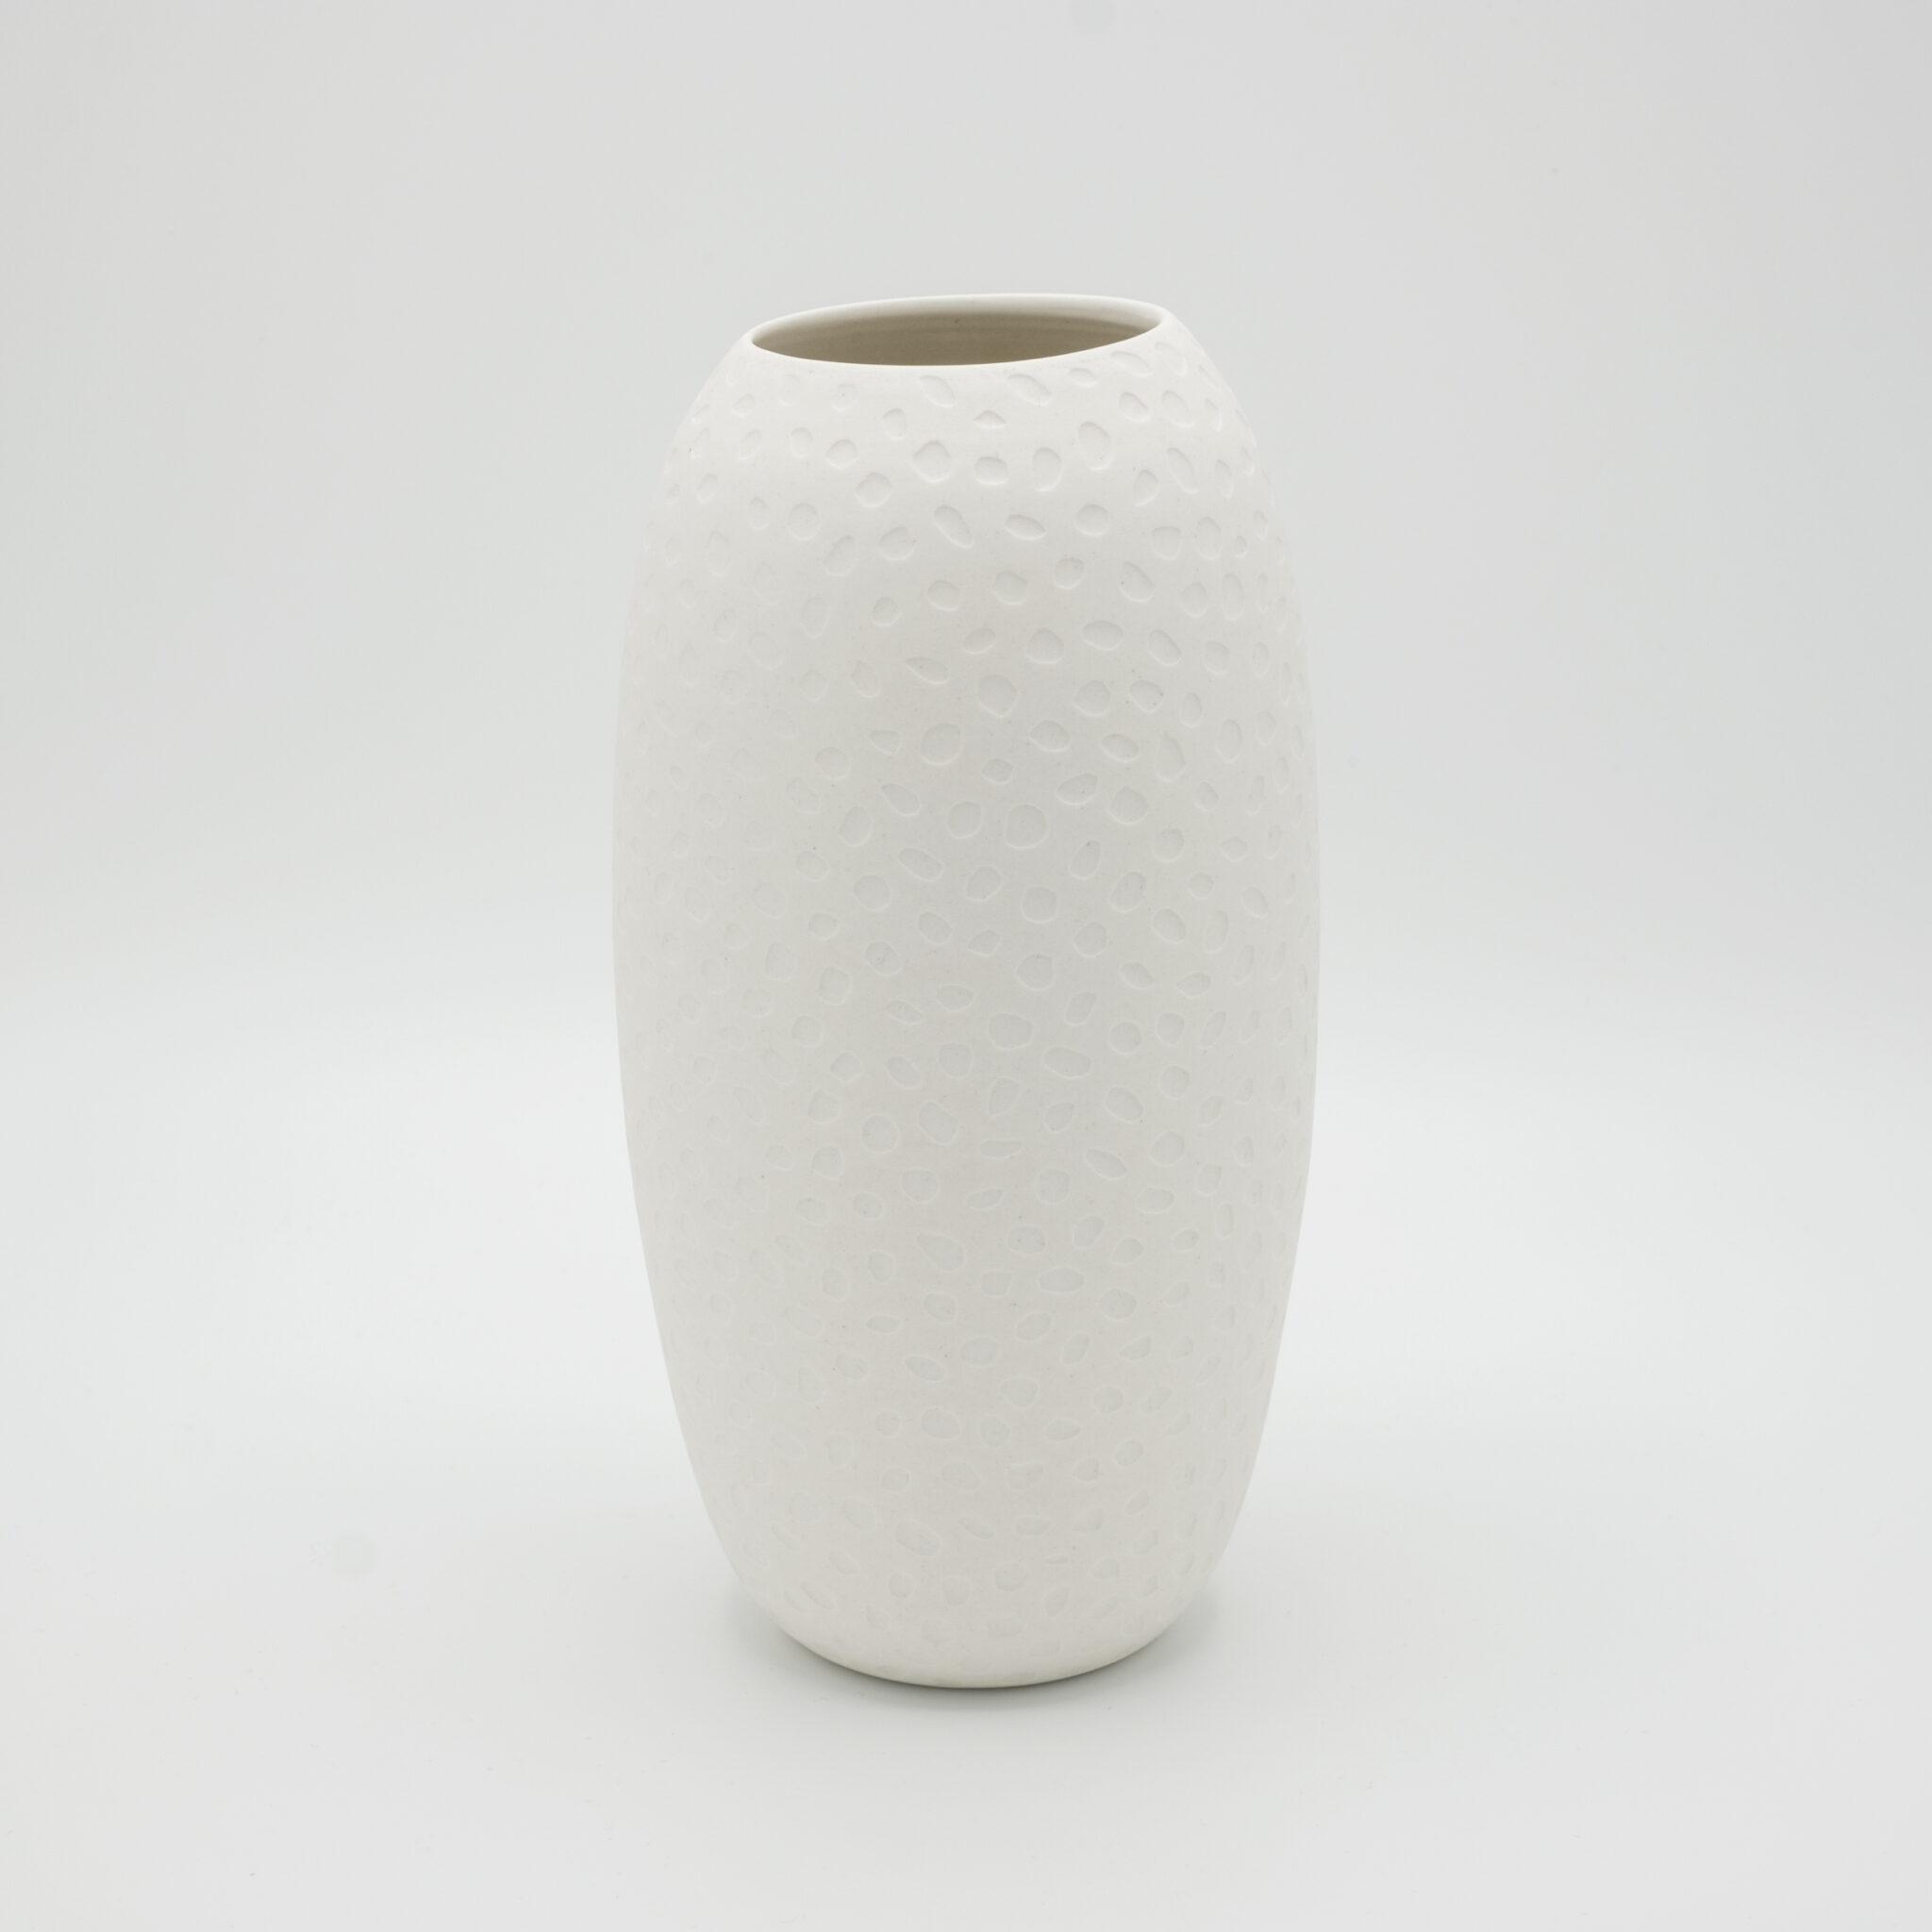 handmade porcelain vase moon 21 cm